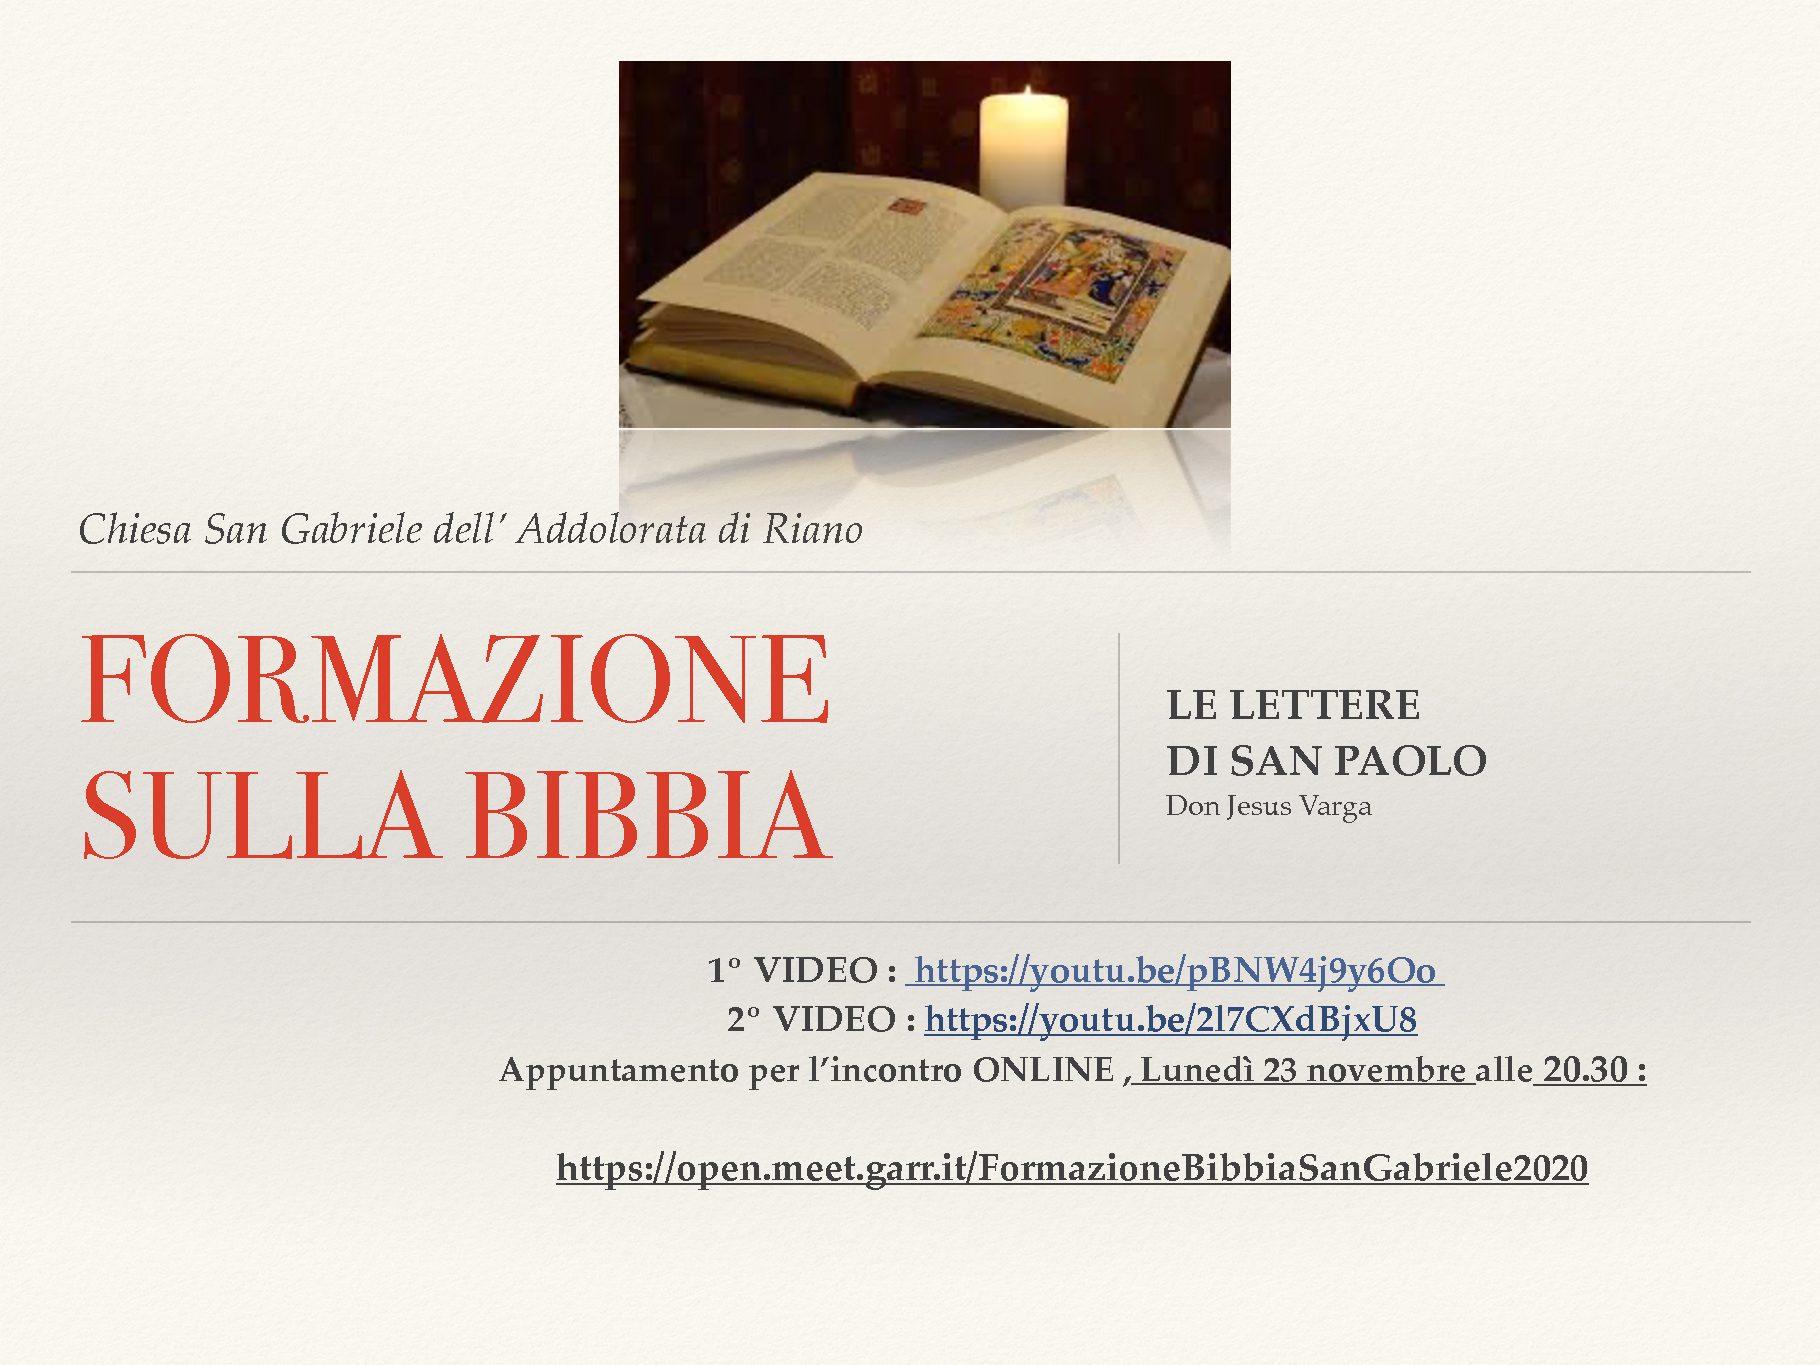 Formazione sulla Bibbia